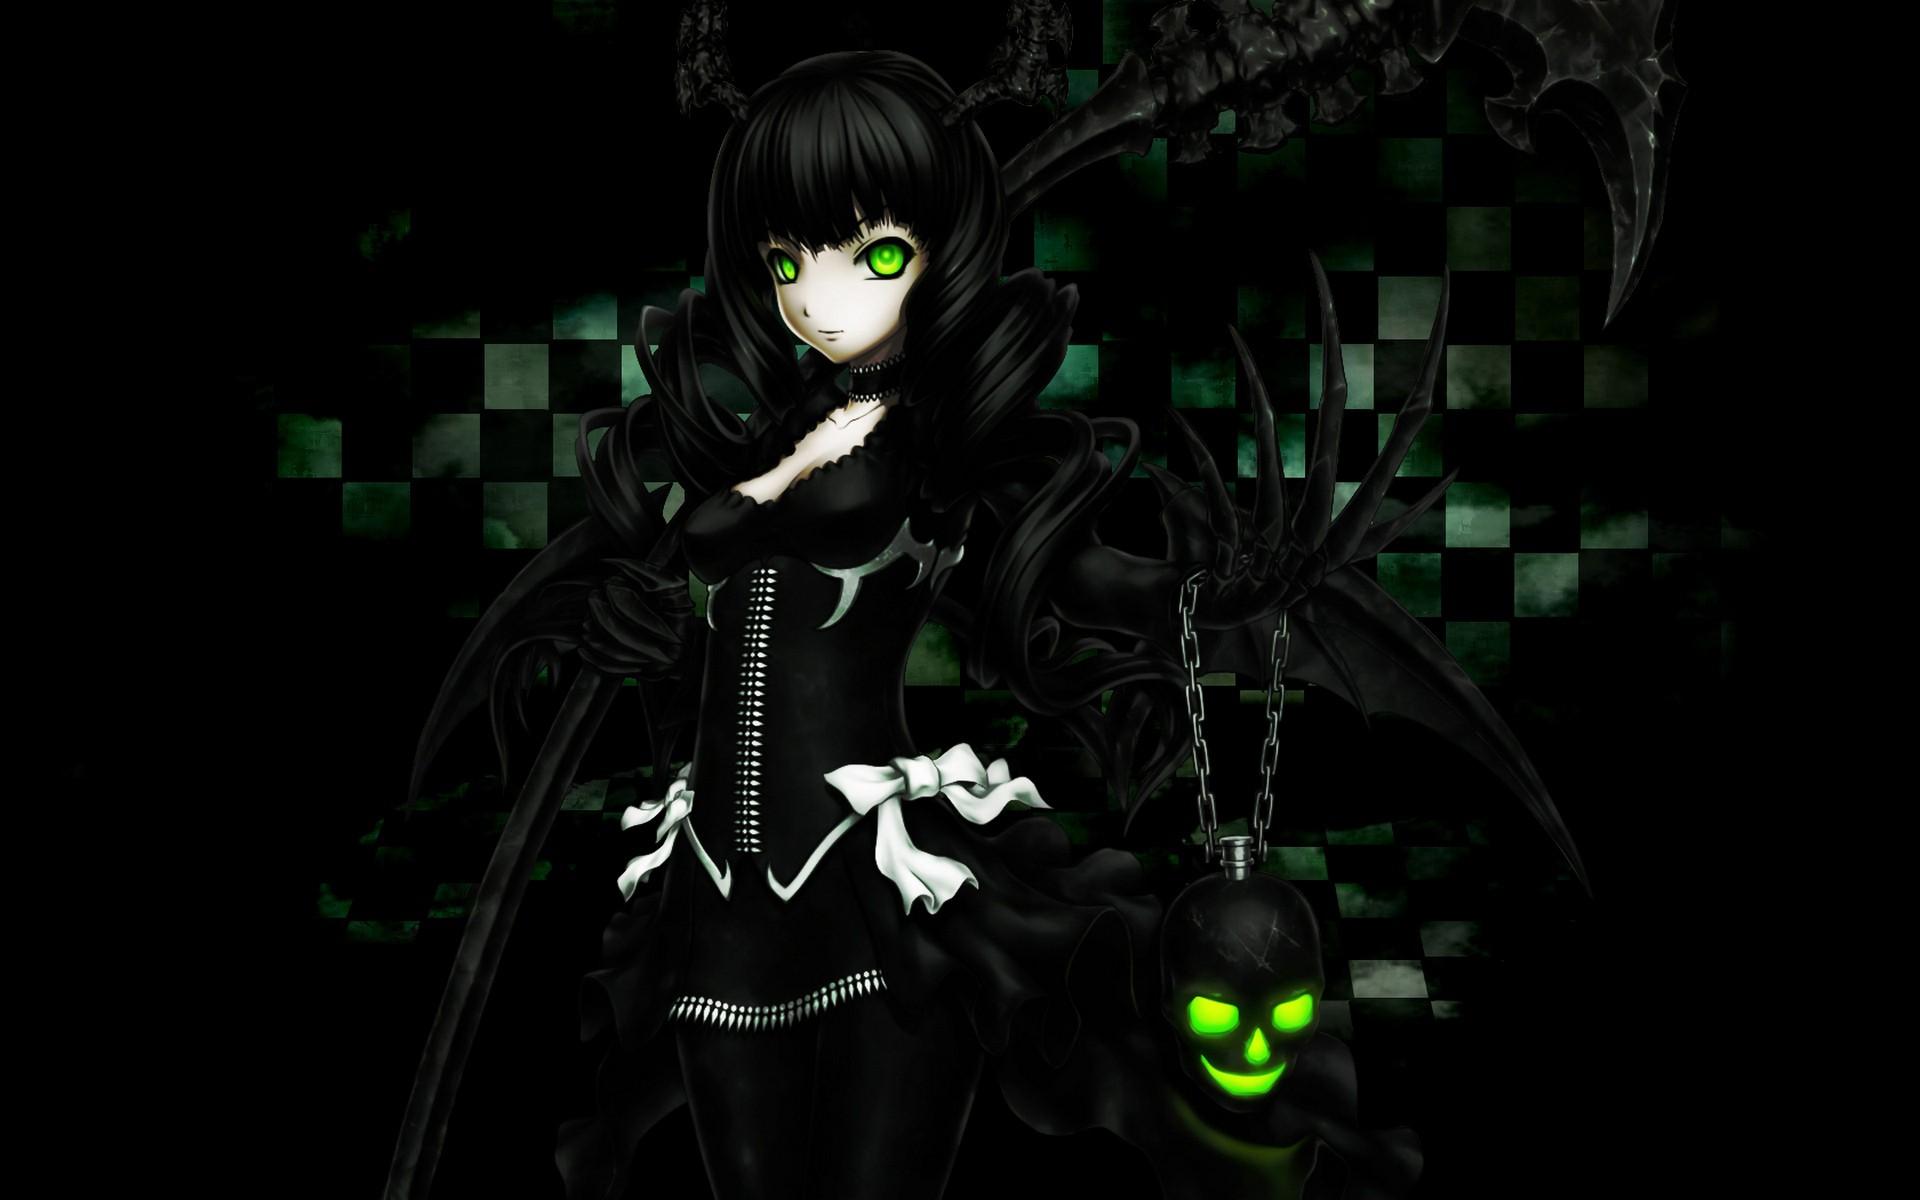 girl on dark wallpaper - photo #37